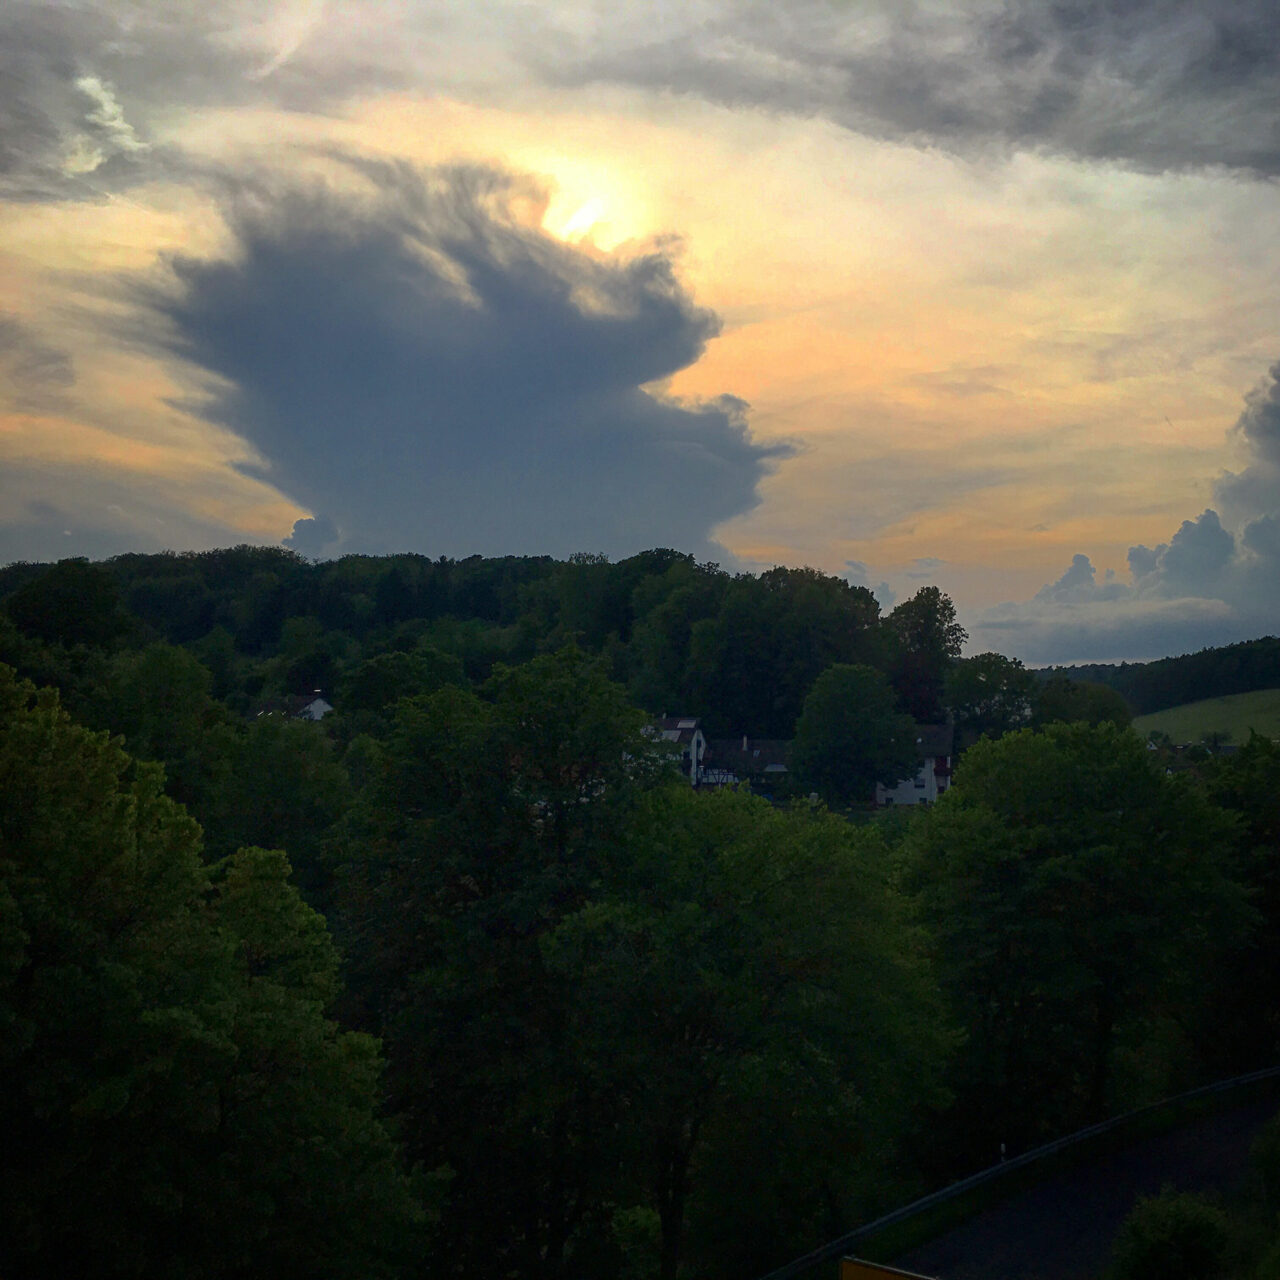 Von der Terrasse des Hotels genießen wir bei einem kühlen Bier die heraufziehende kühle Brise. Wenig später gewittert es gewaltig.